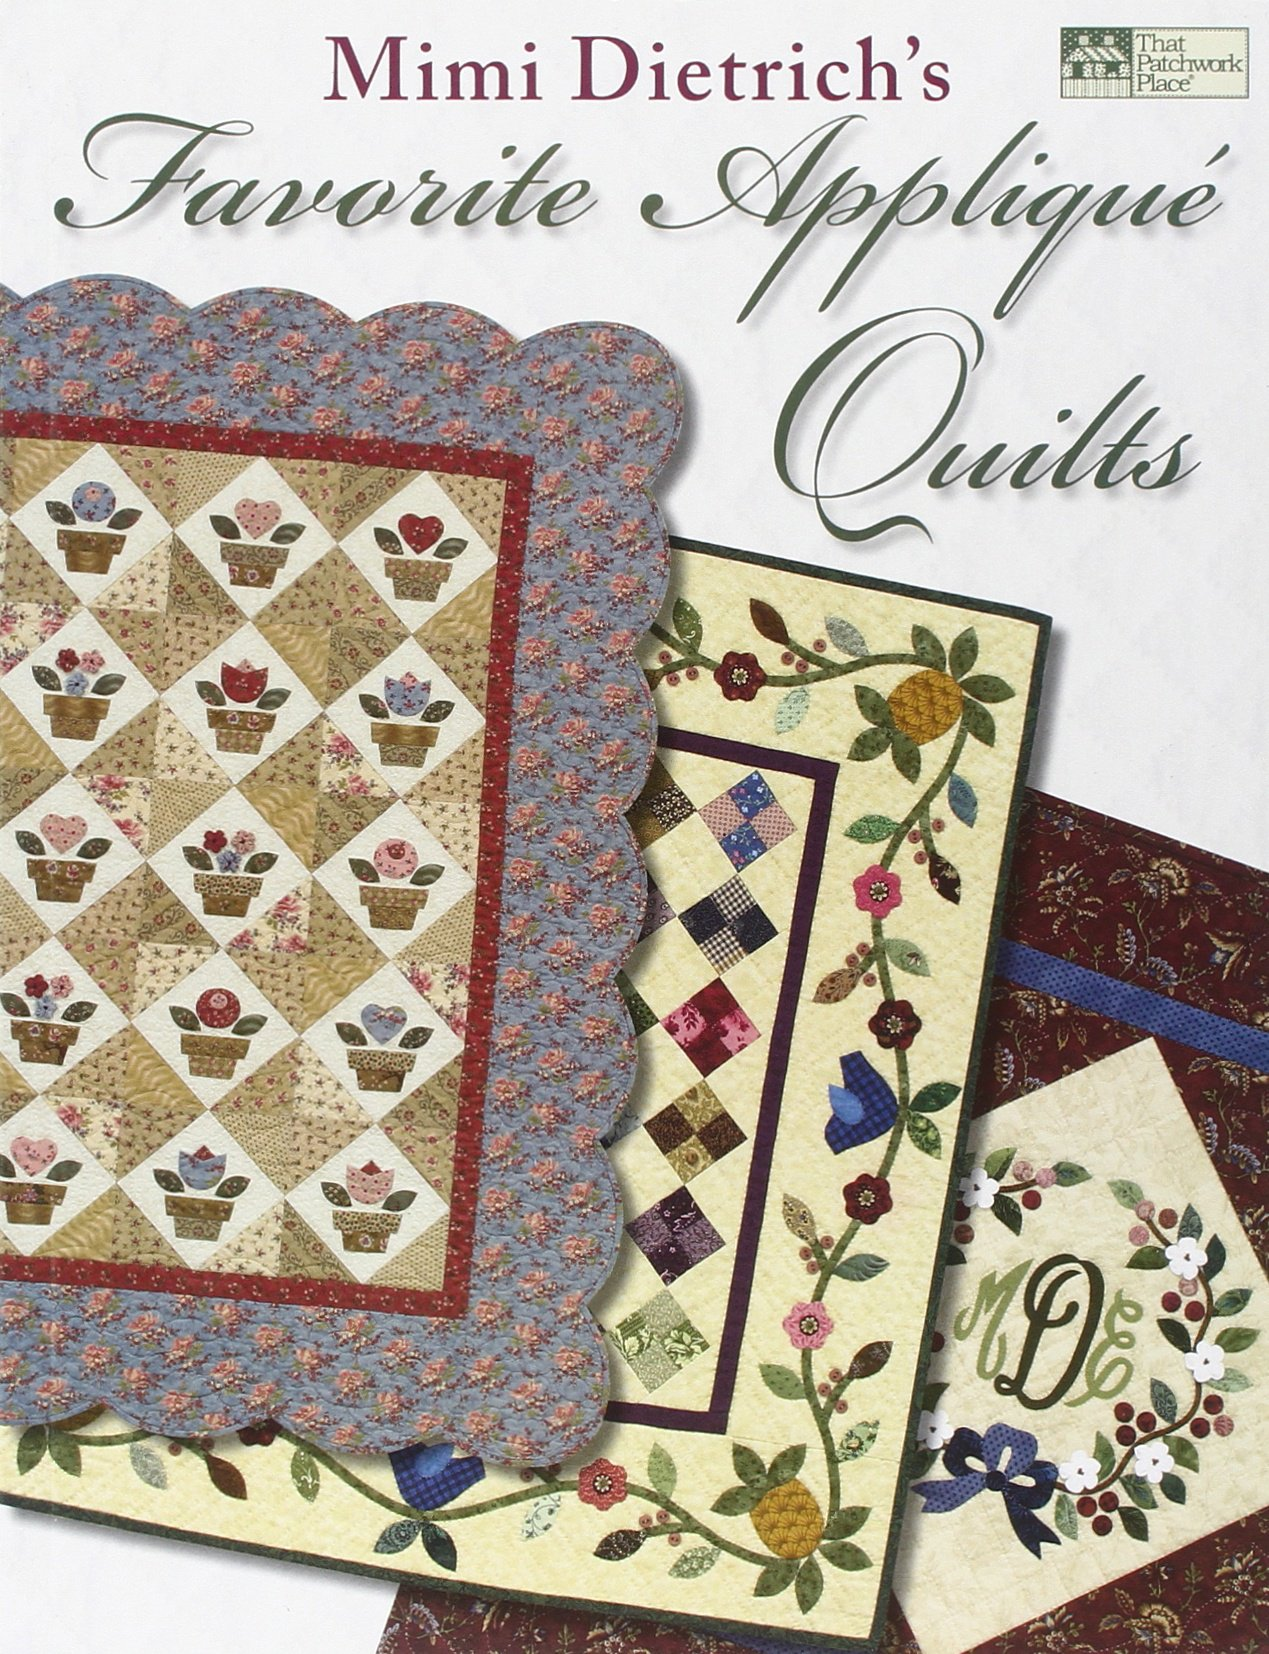 Mimi Dietrich's Favorite Appliqué Quilts